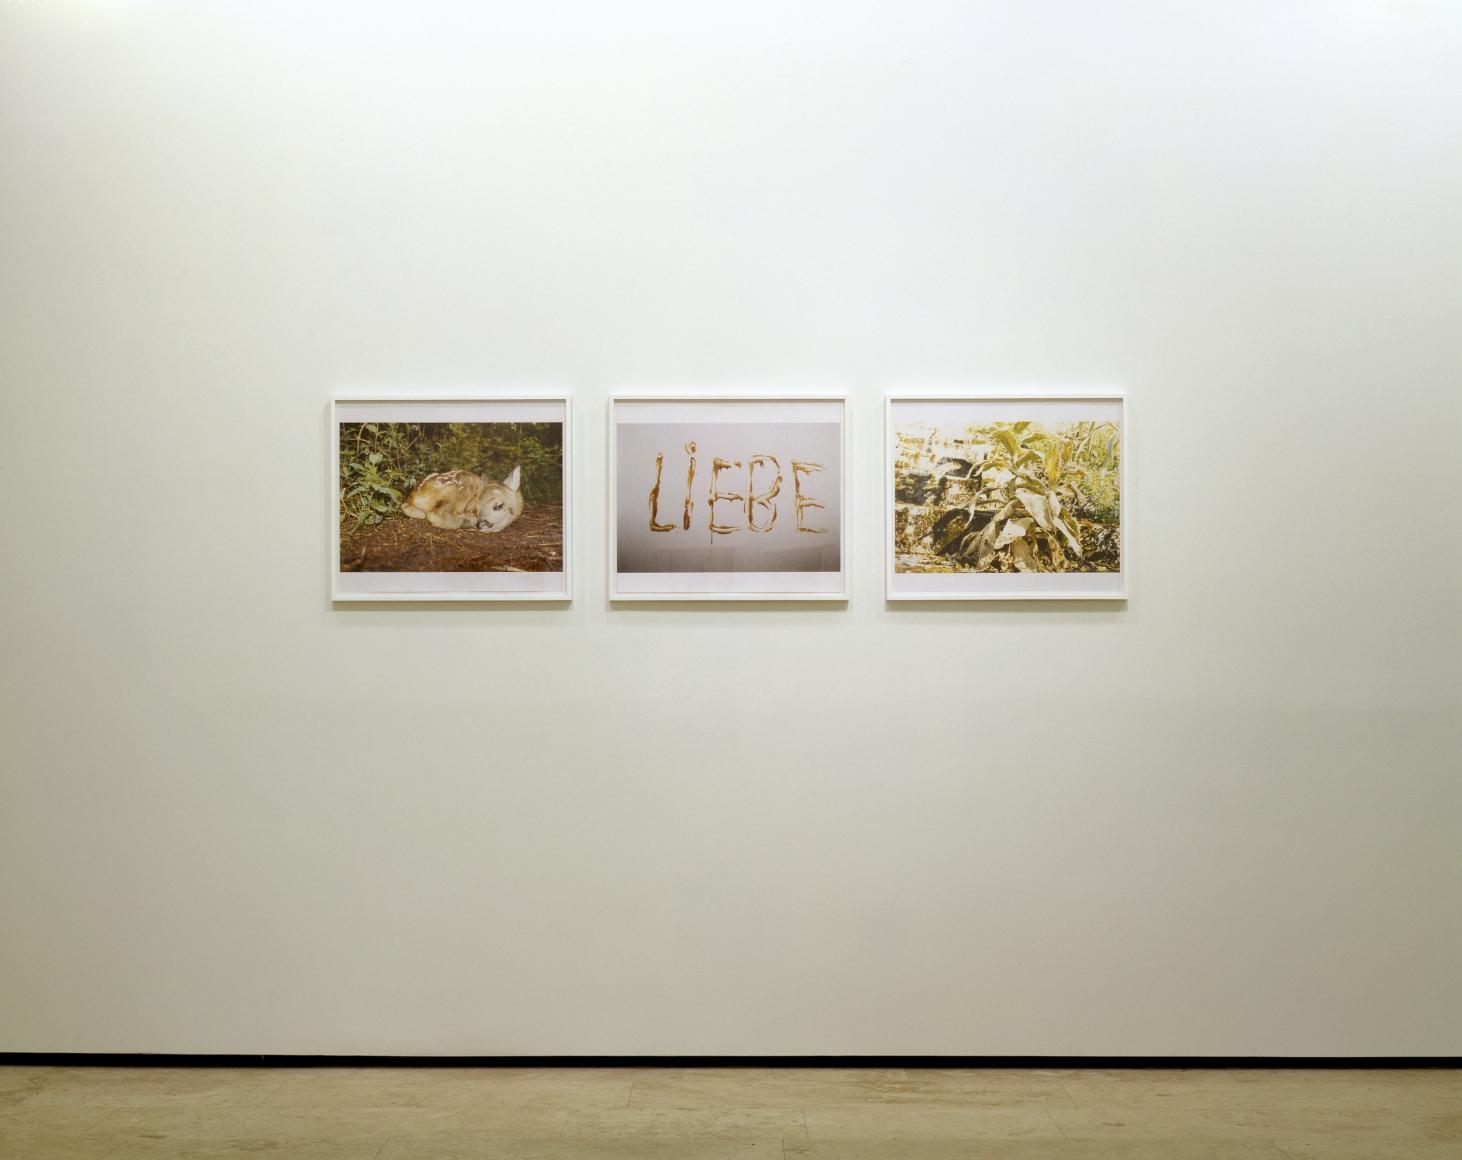 JUERGEN TELLER: NÜRNBERG Installation View 3.